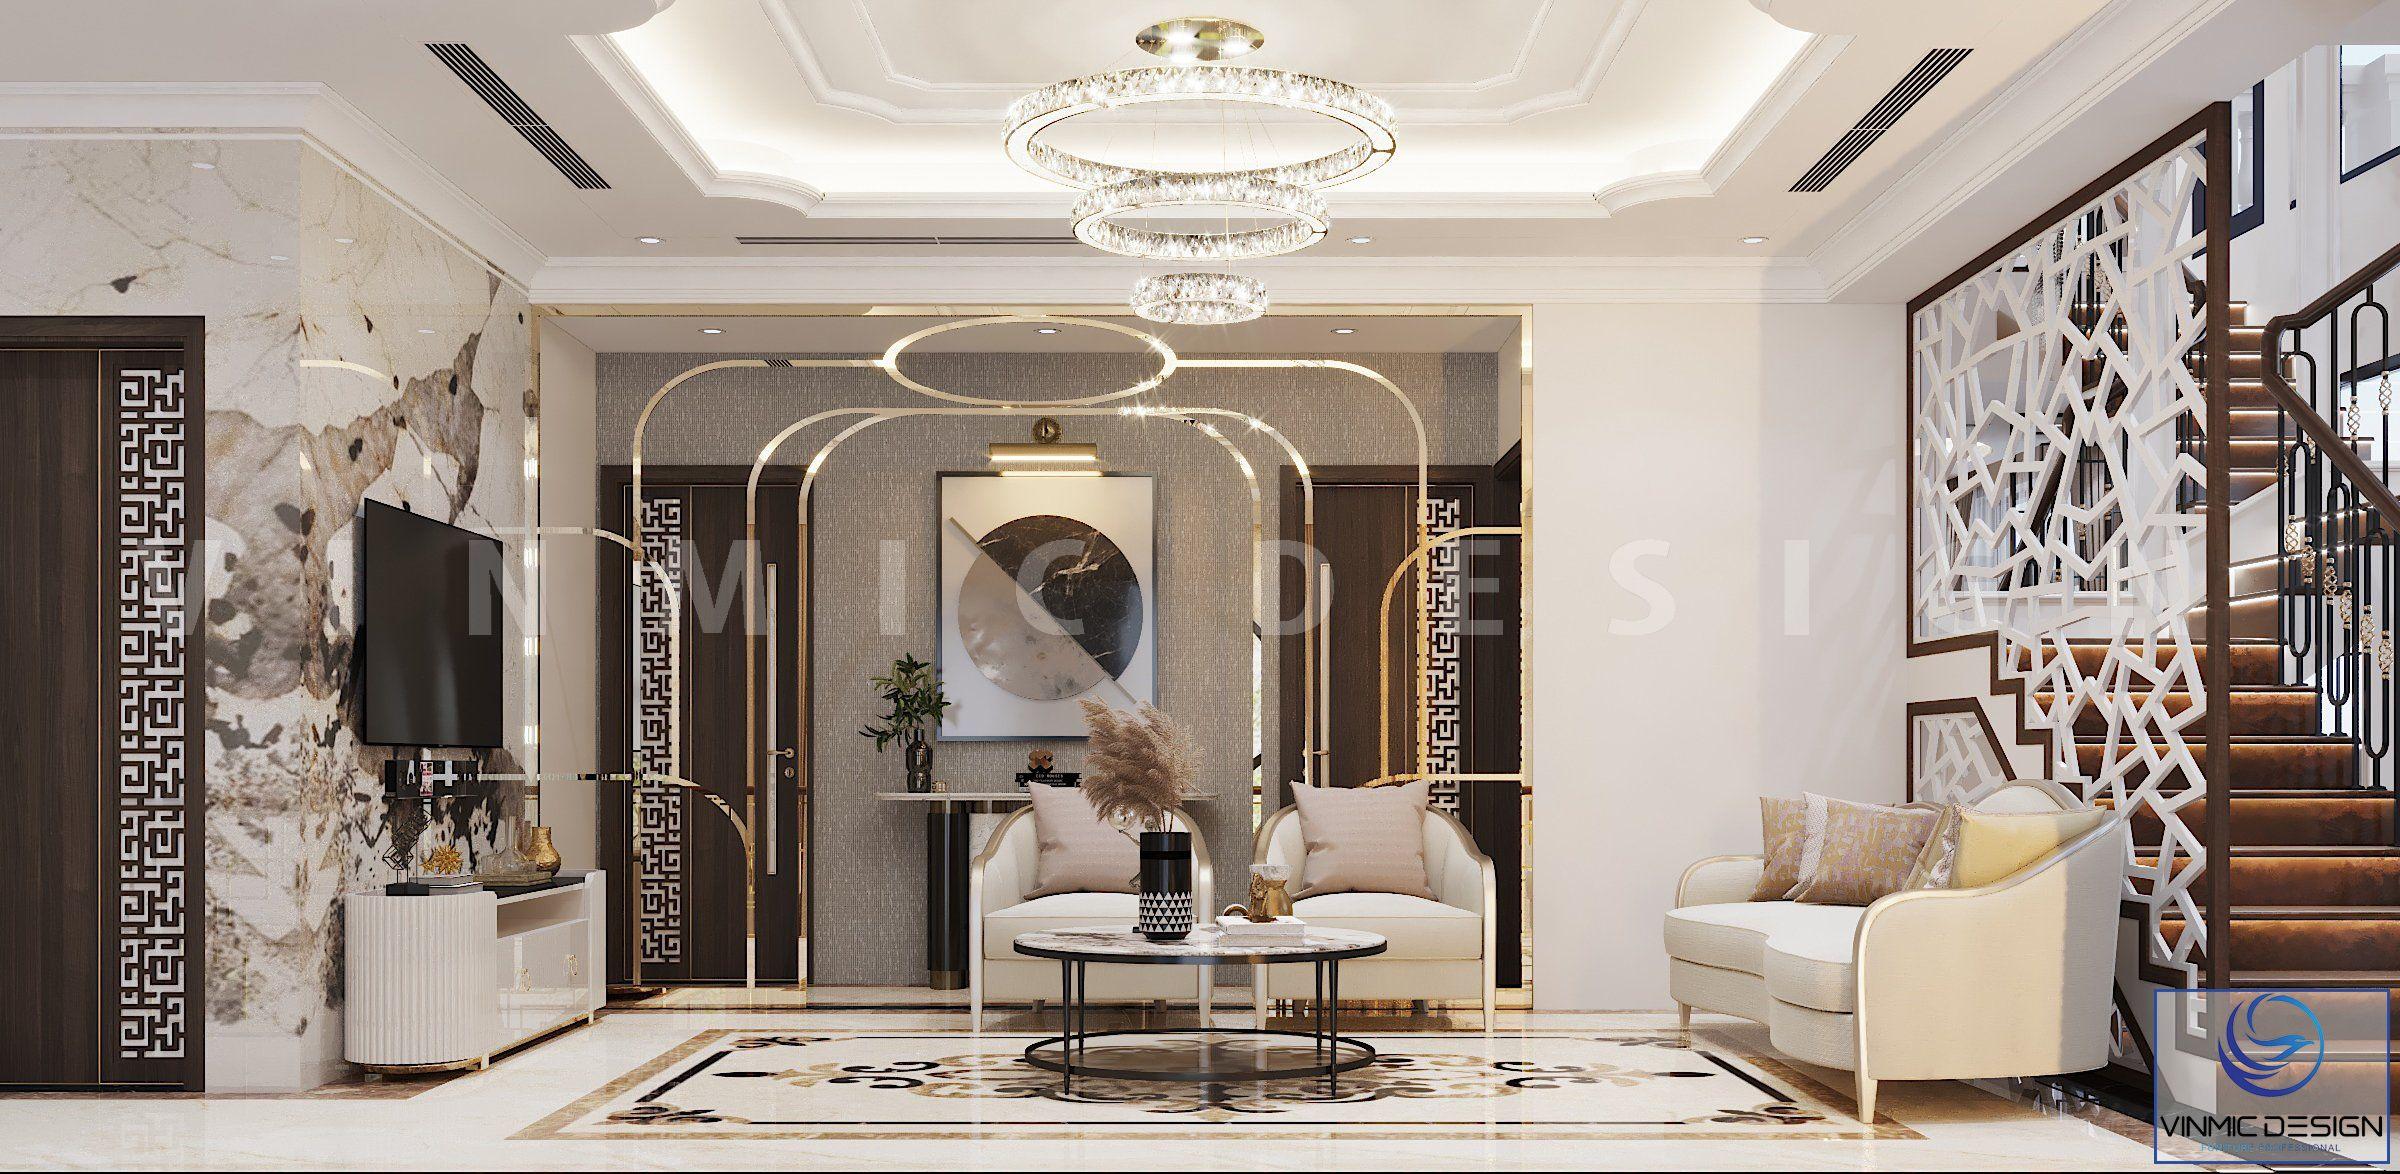 Phòng chờ tầng 2 biệt thự Vinhomes Imperia Hải Phòng